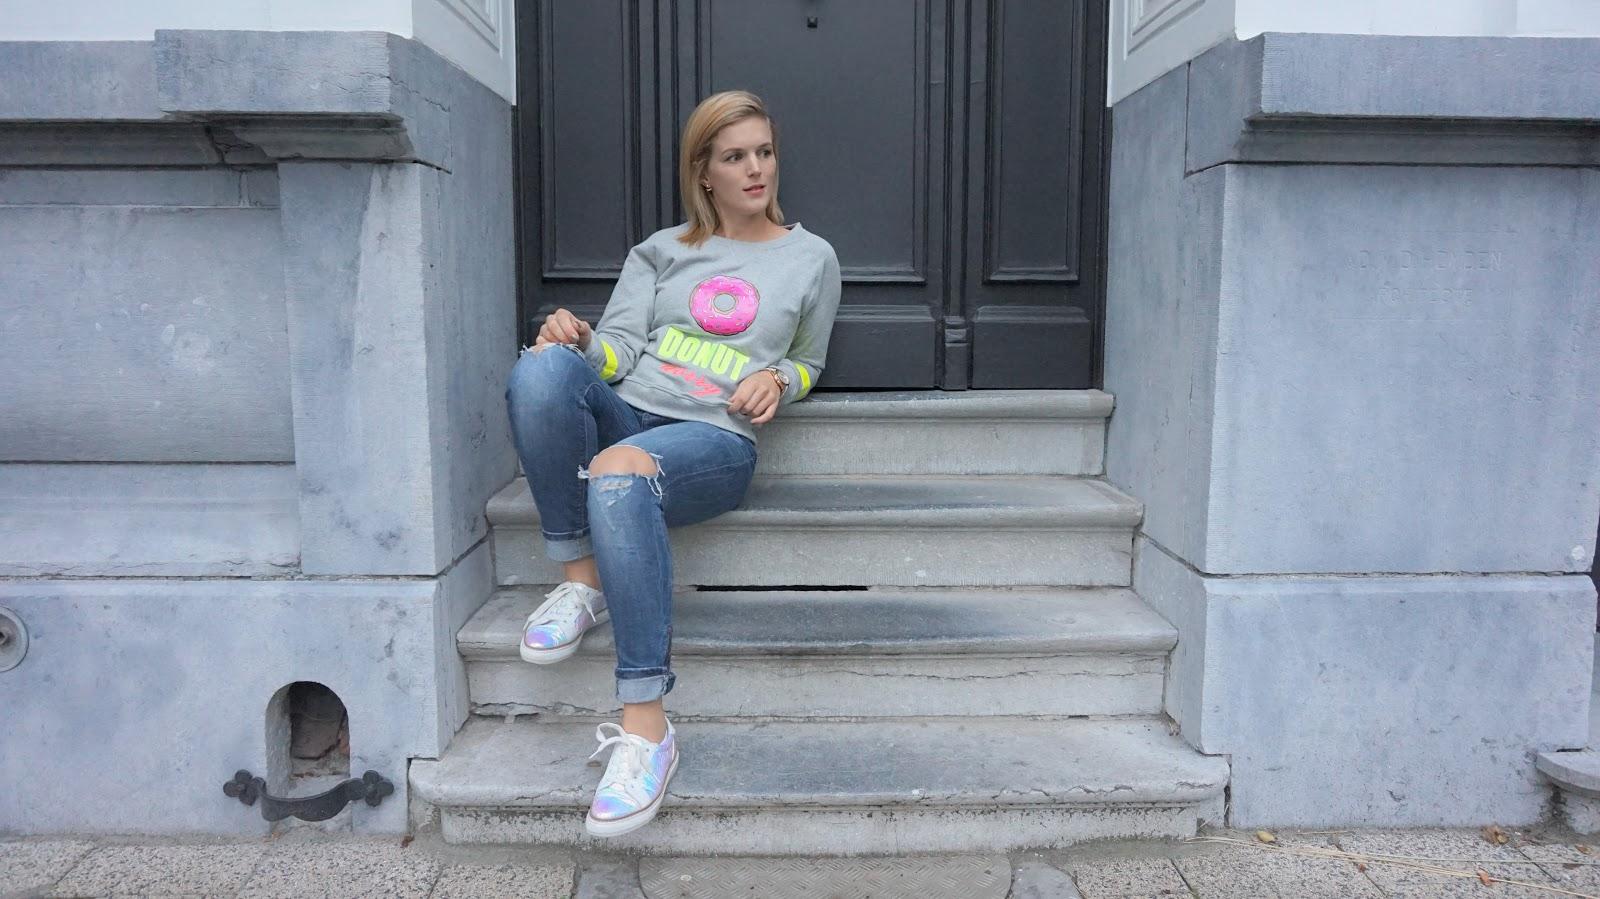 DSC08824 | Eline Van Dingenen